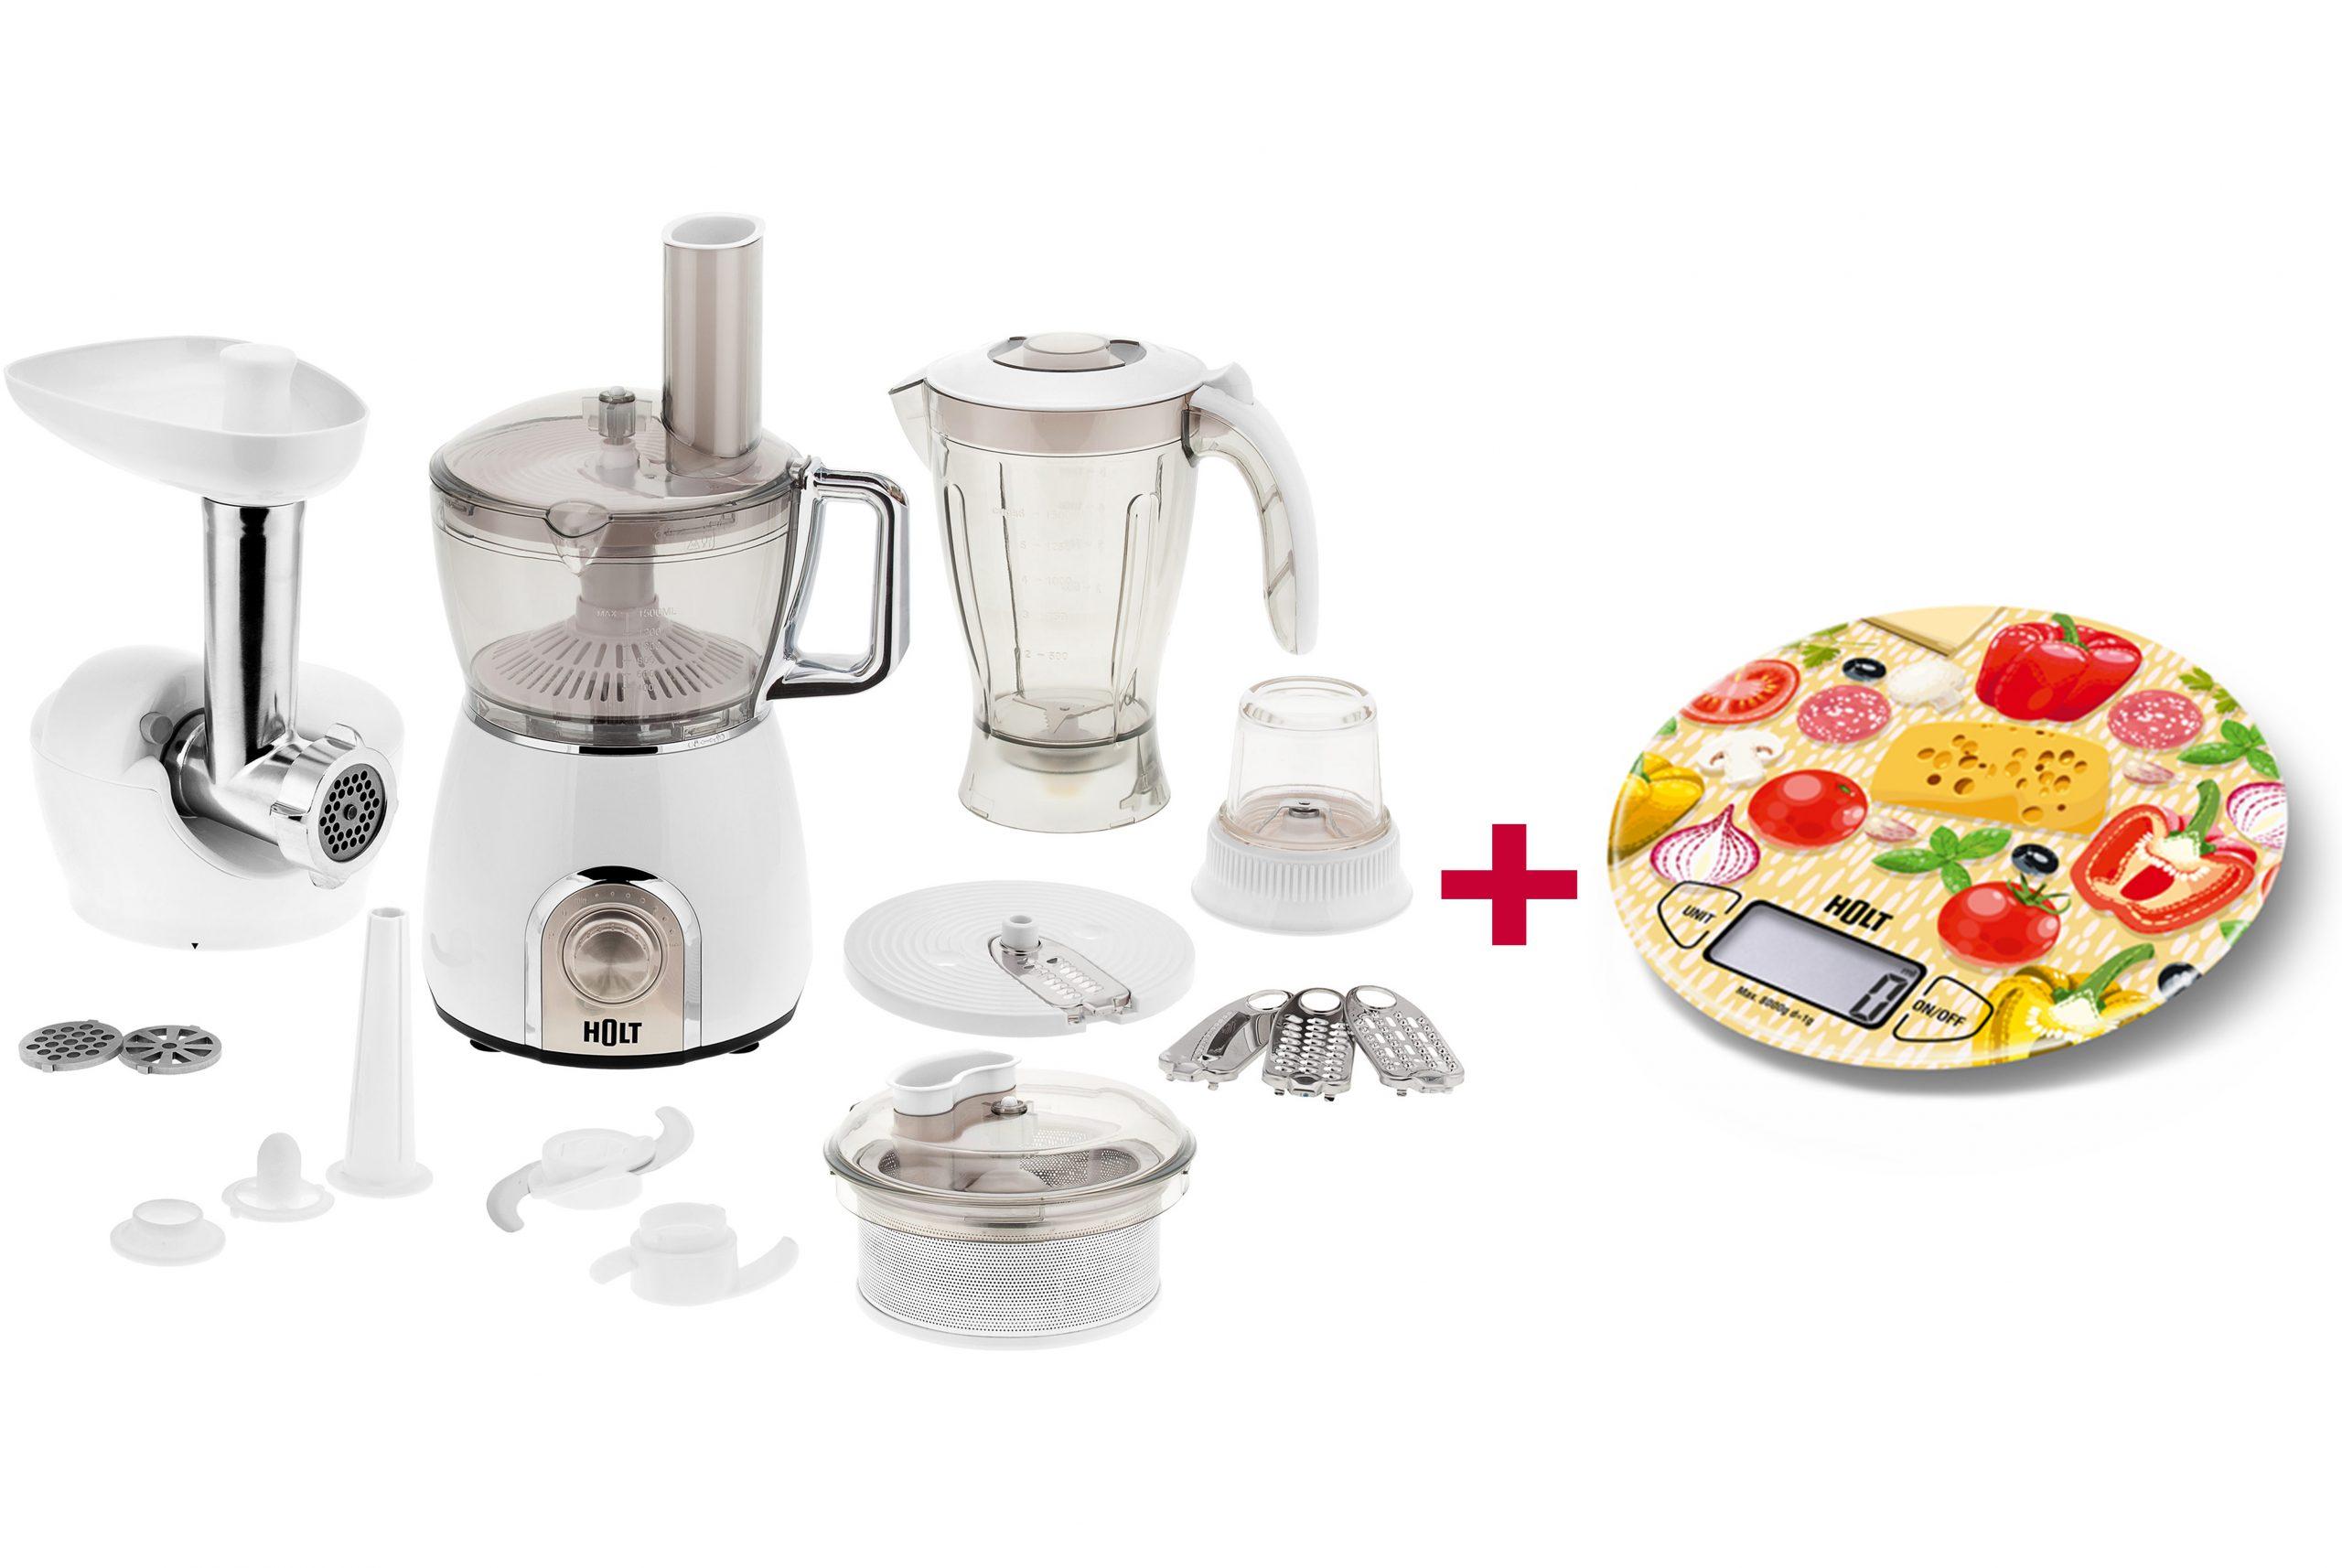 Holt komplektas virtuvinis kombainas HT-FP-004 viruvines svarstykles HT-KS-003 Vegetables